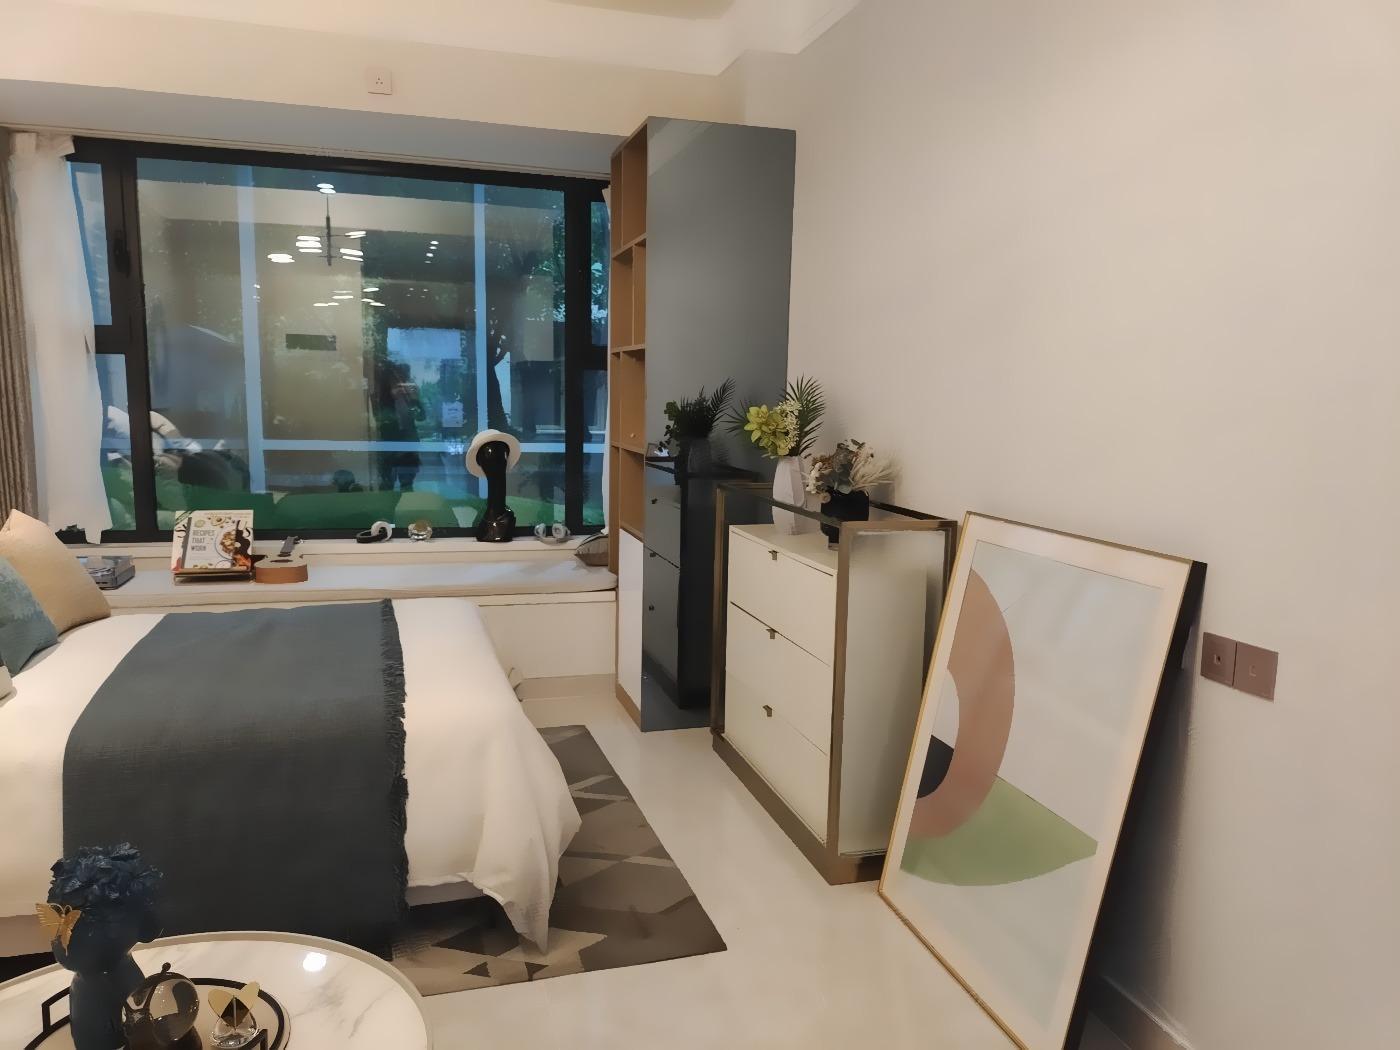 工业北双地铁 万虹精装公寓 均价5xxx 龙湖天街 悦公馆!